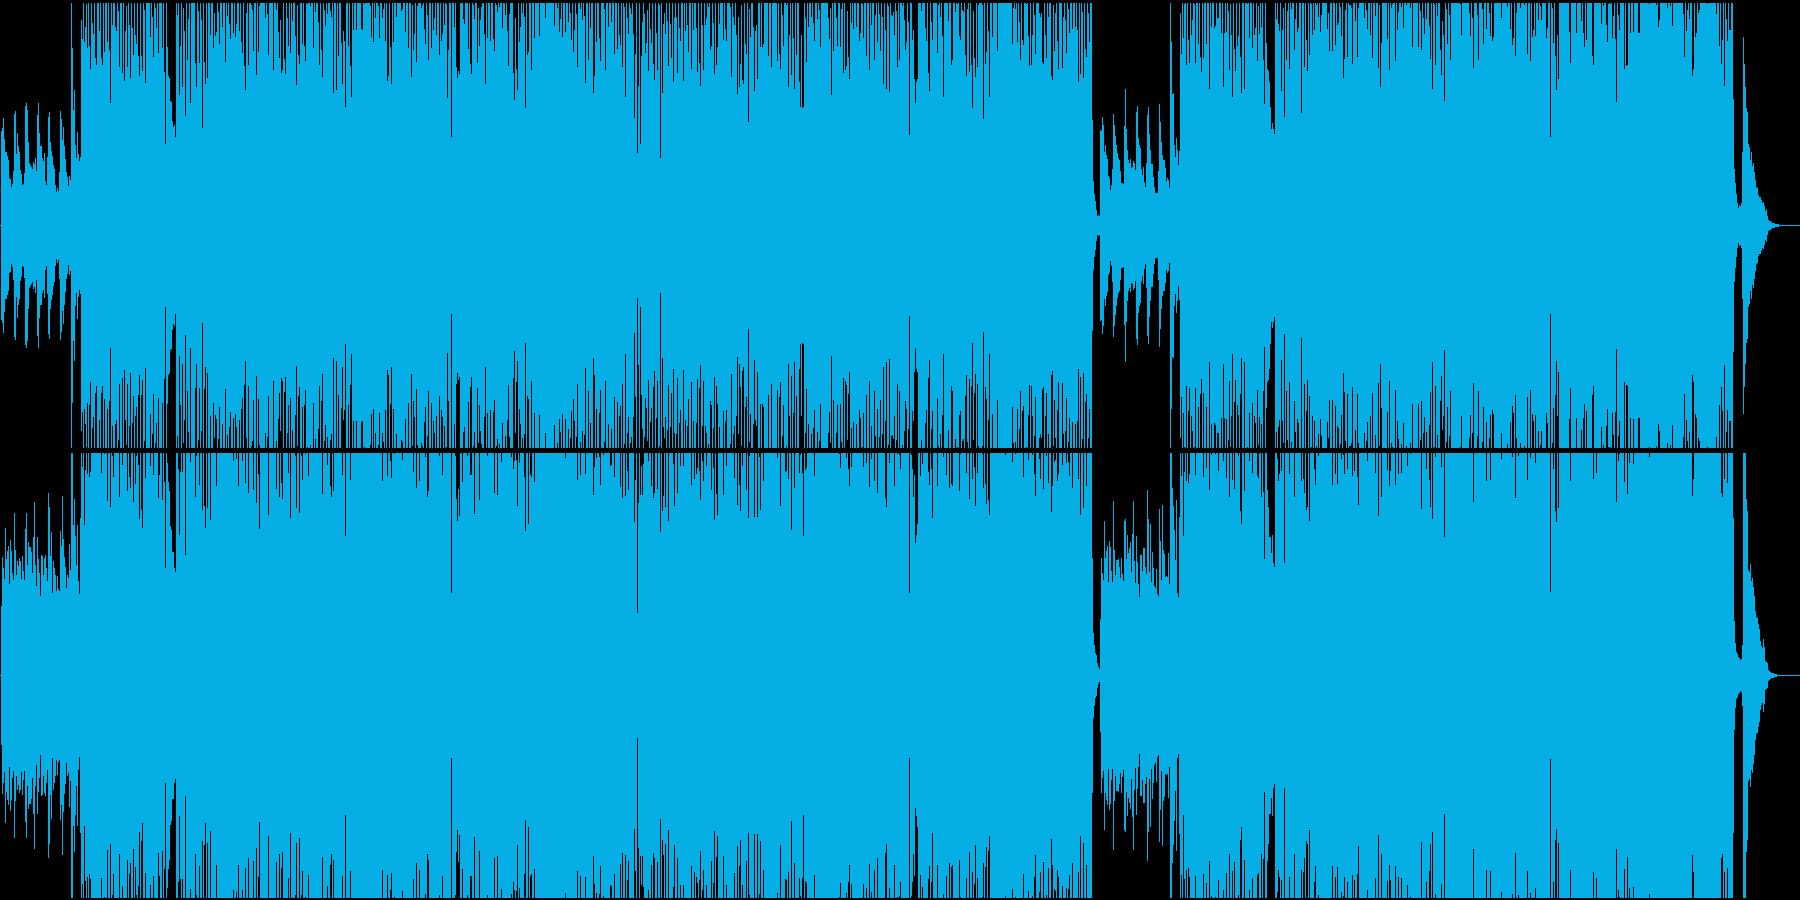 グロッケンと木琴のメロが可愛い軽快な楽曲の再生済みの波形